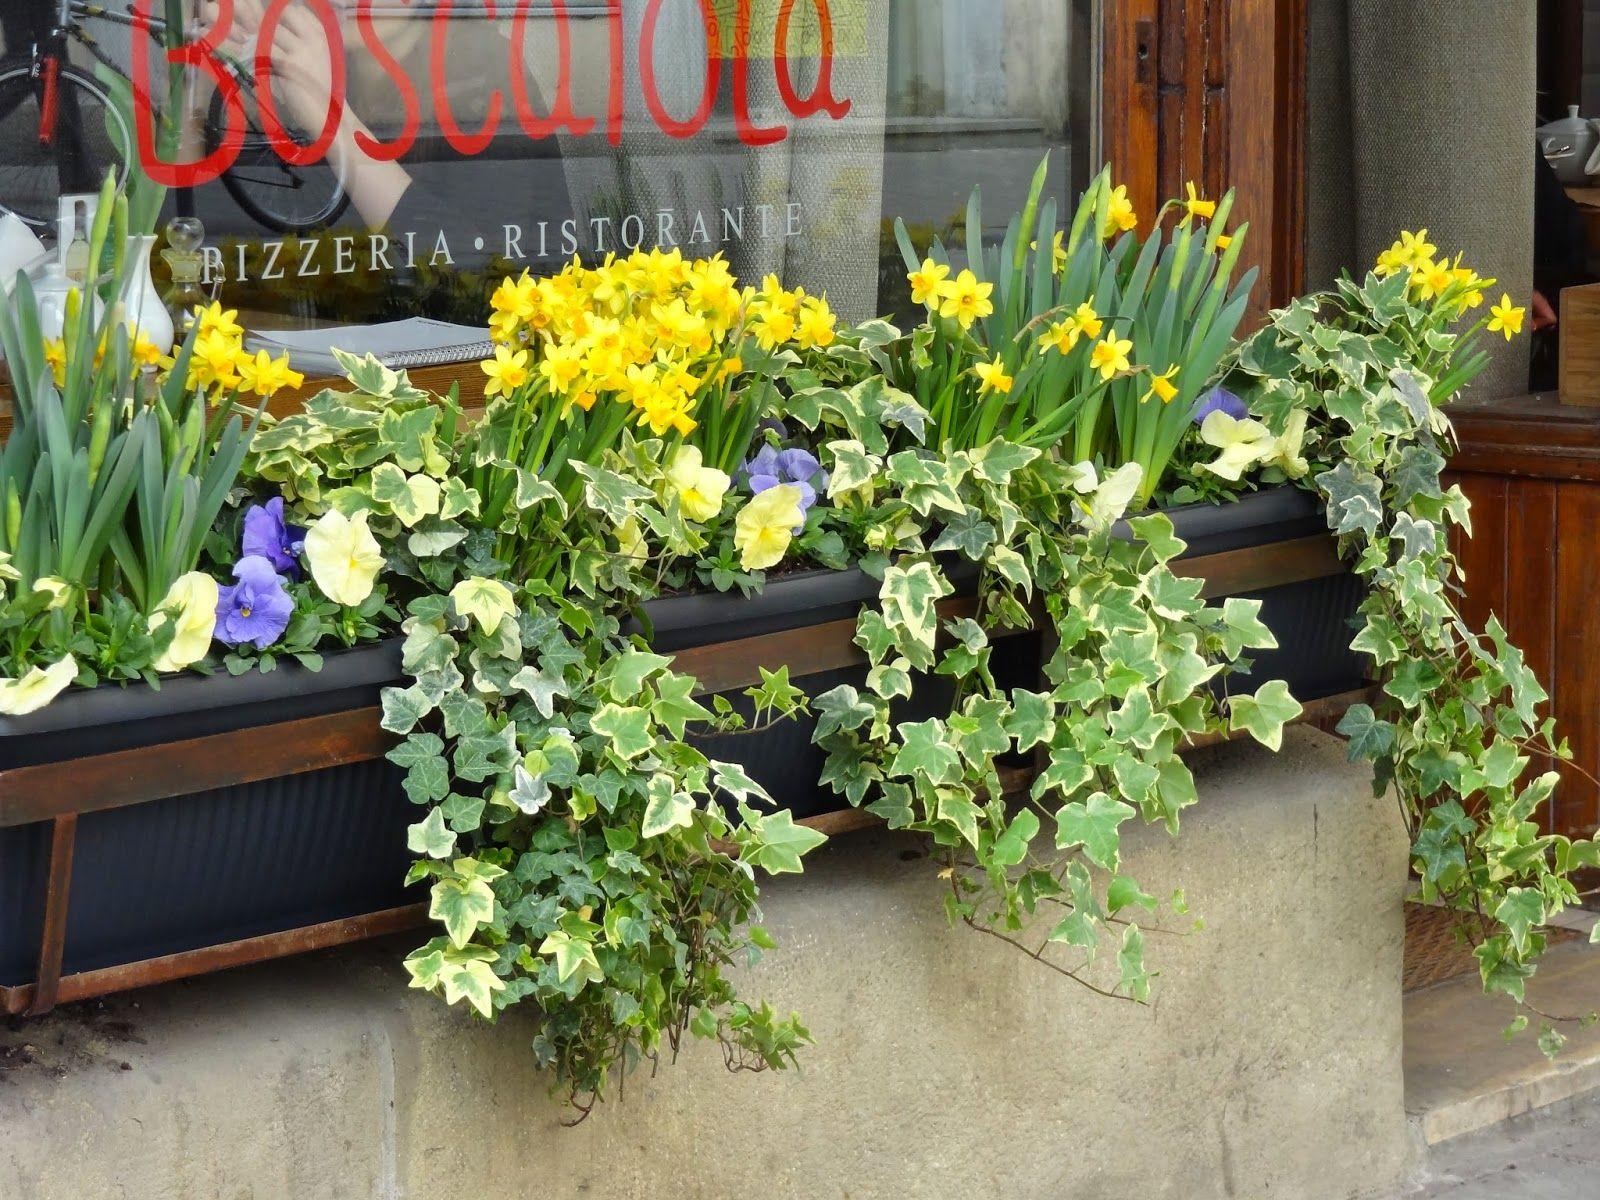 Pin By Sylwia Zk On Kompozycje Wiosenne W Donicach Plants